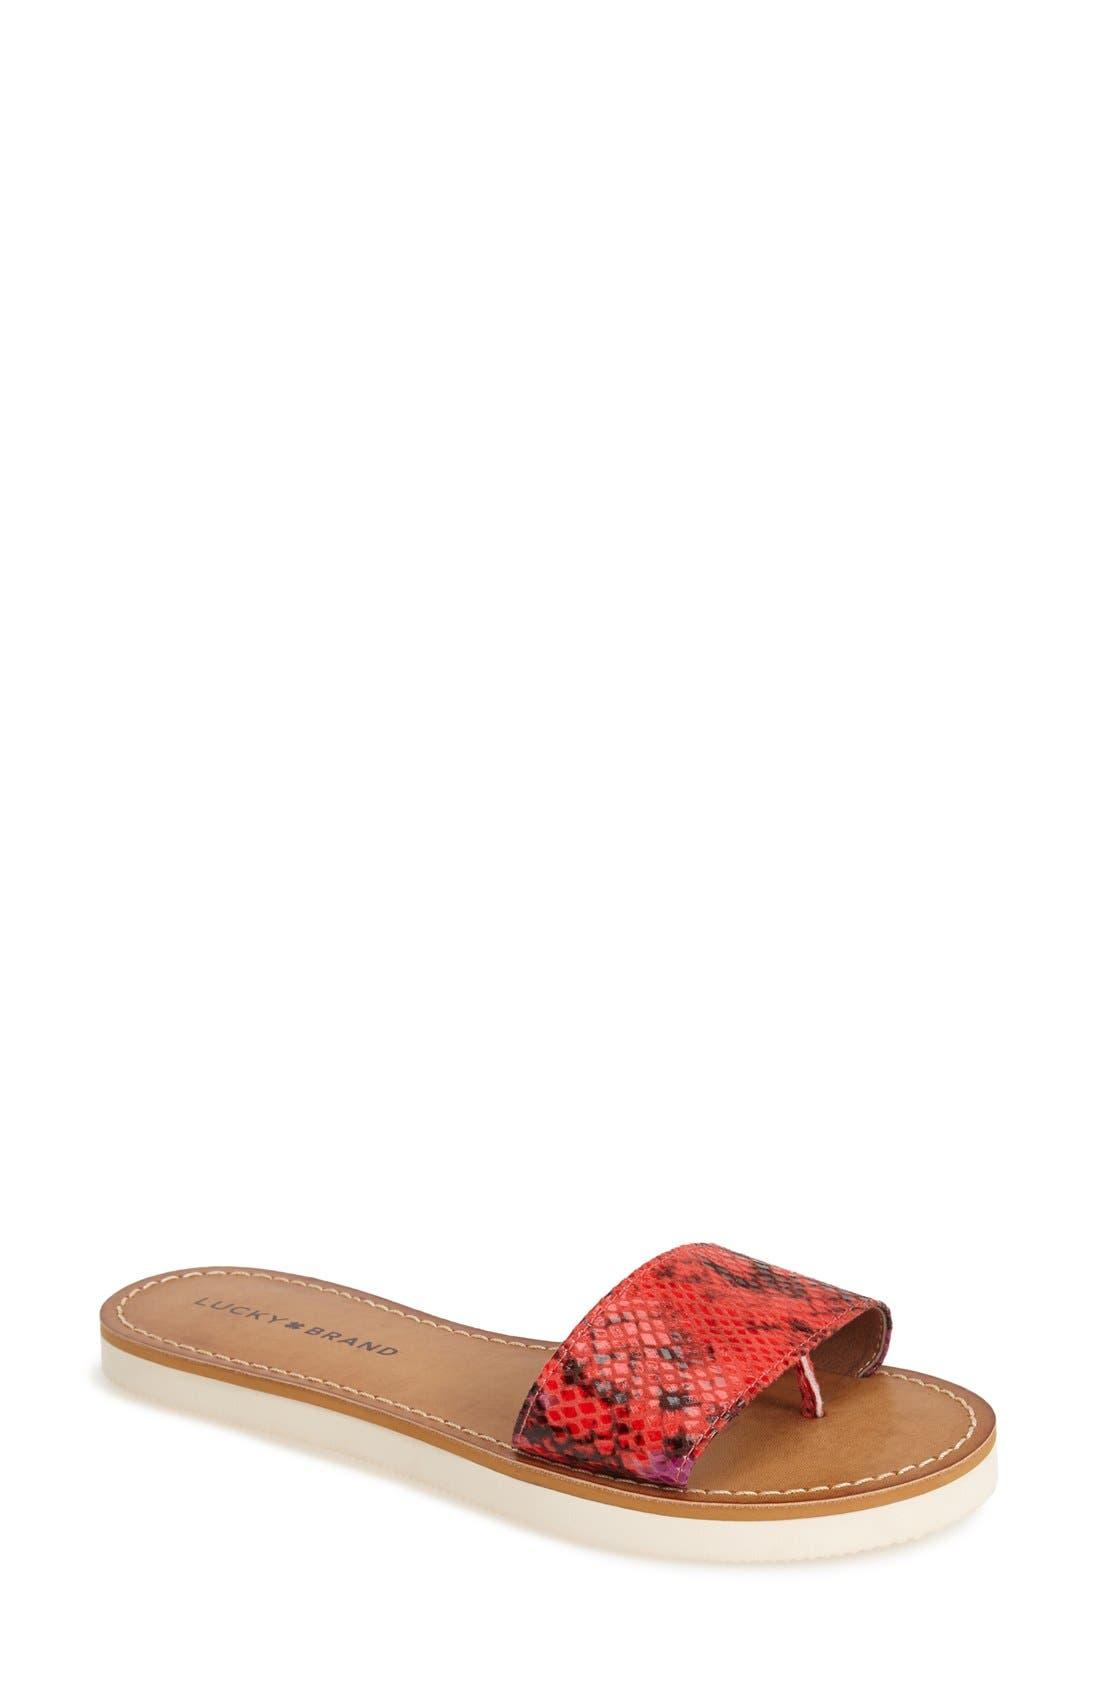 Main Image - Lucky Brand 'Deldonna' Slide Sandal (Women)